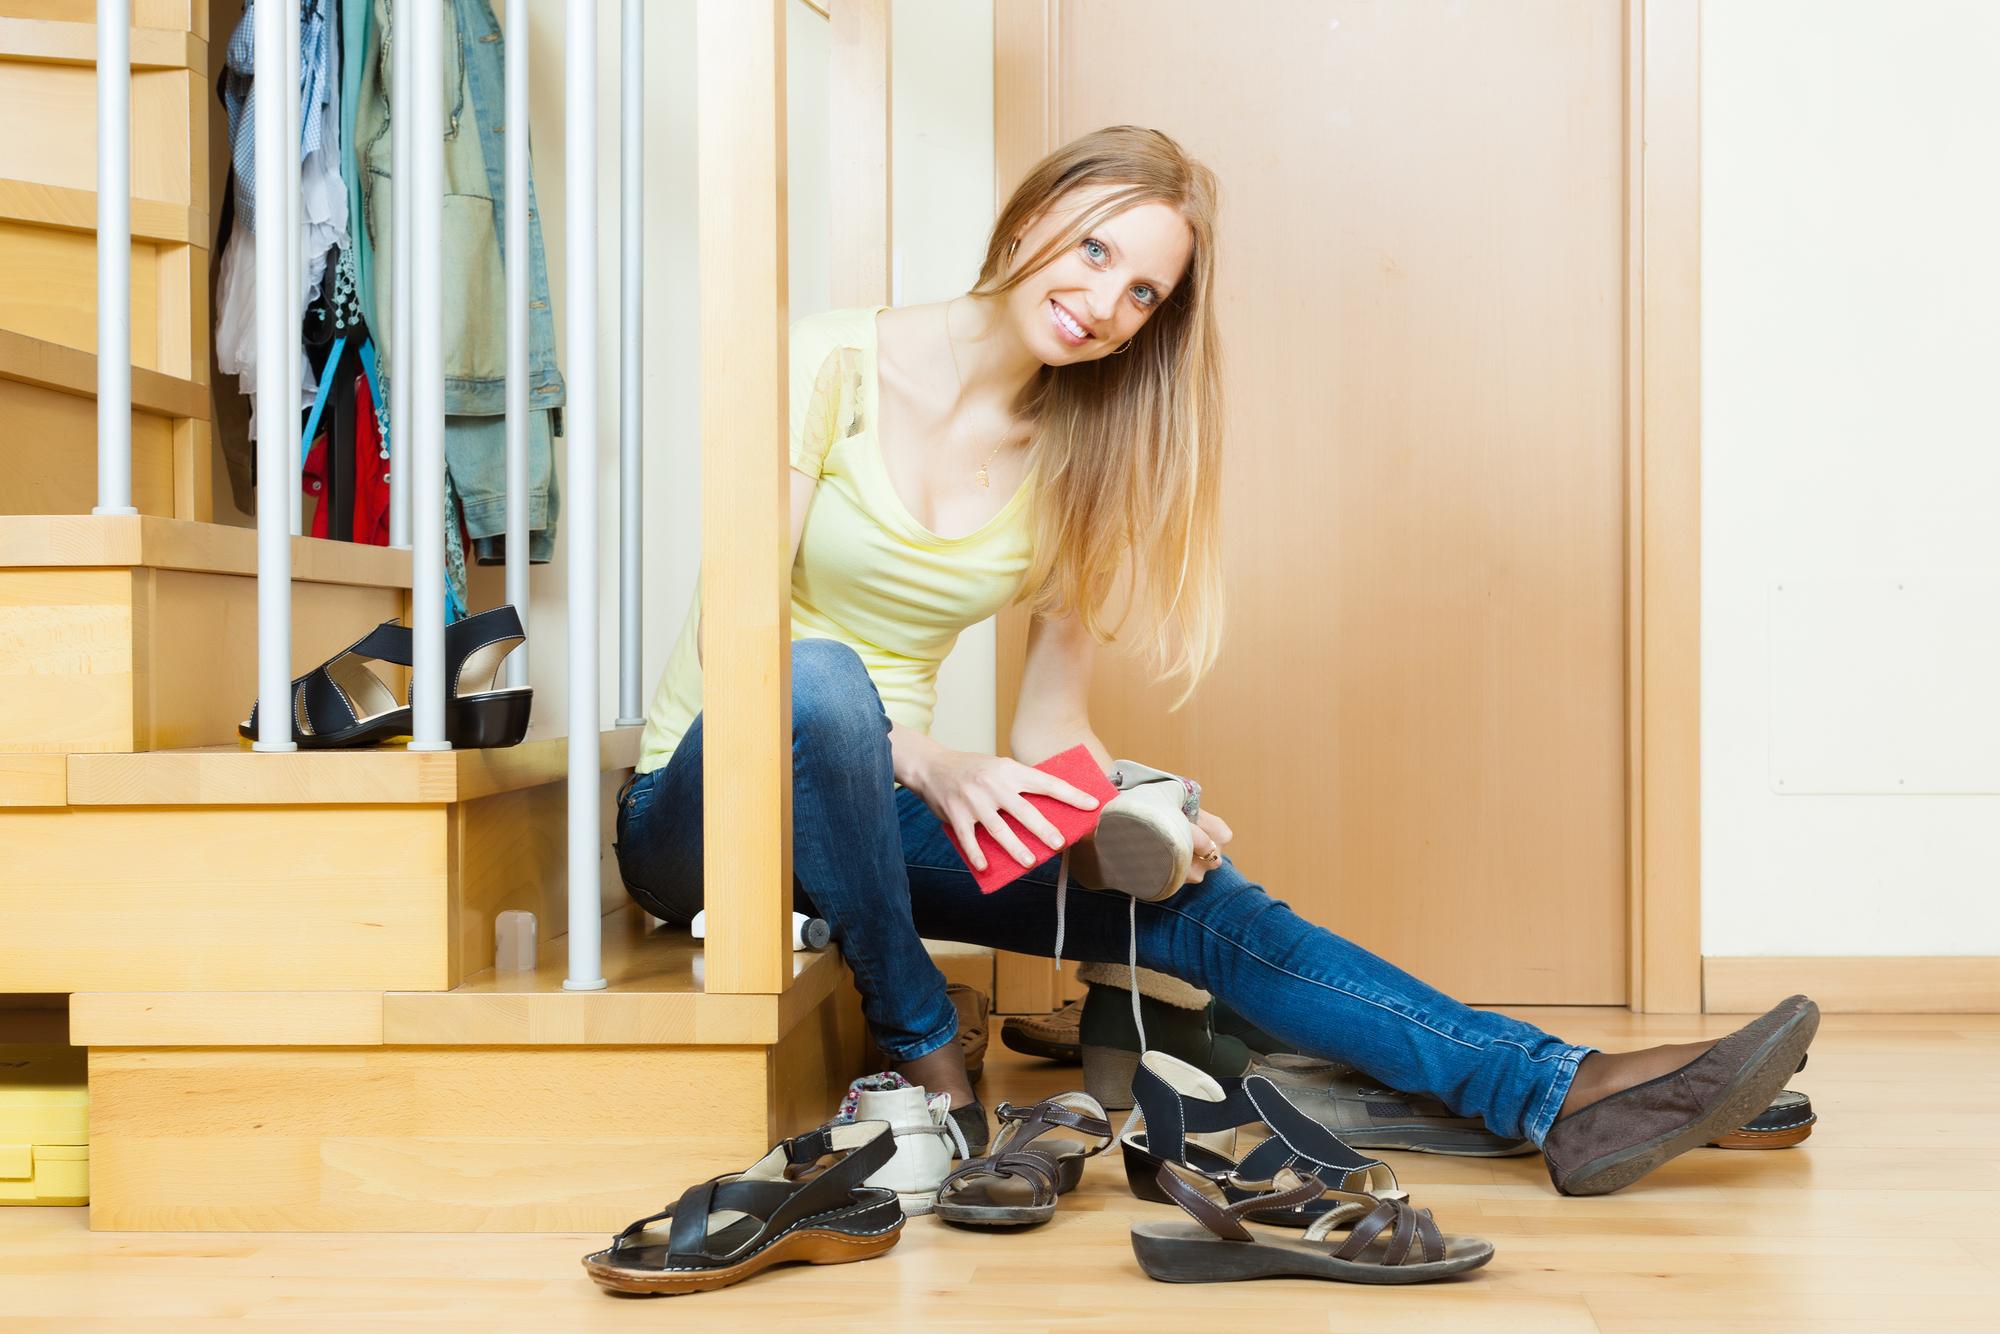 Les conseils d'entretien pour les chaussures pour femme